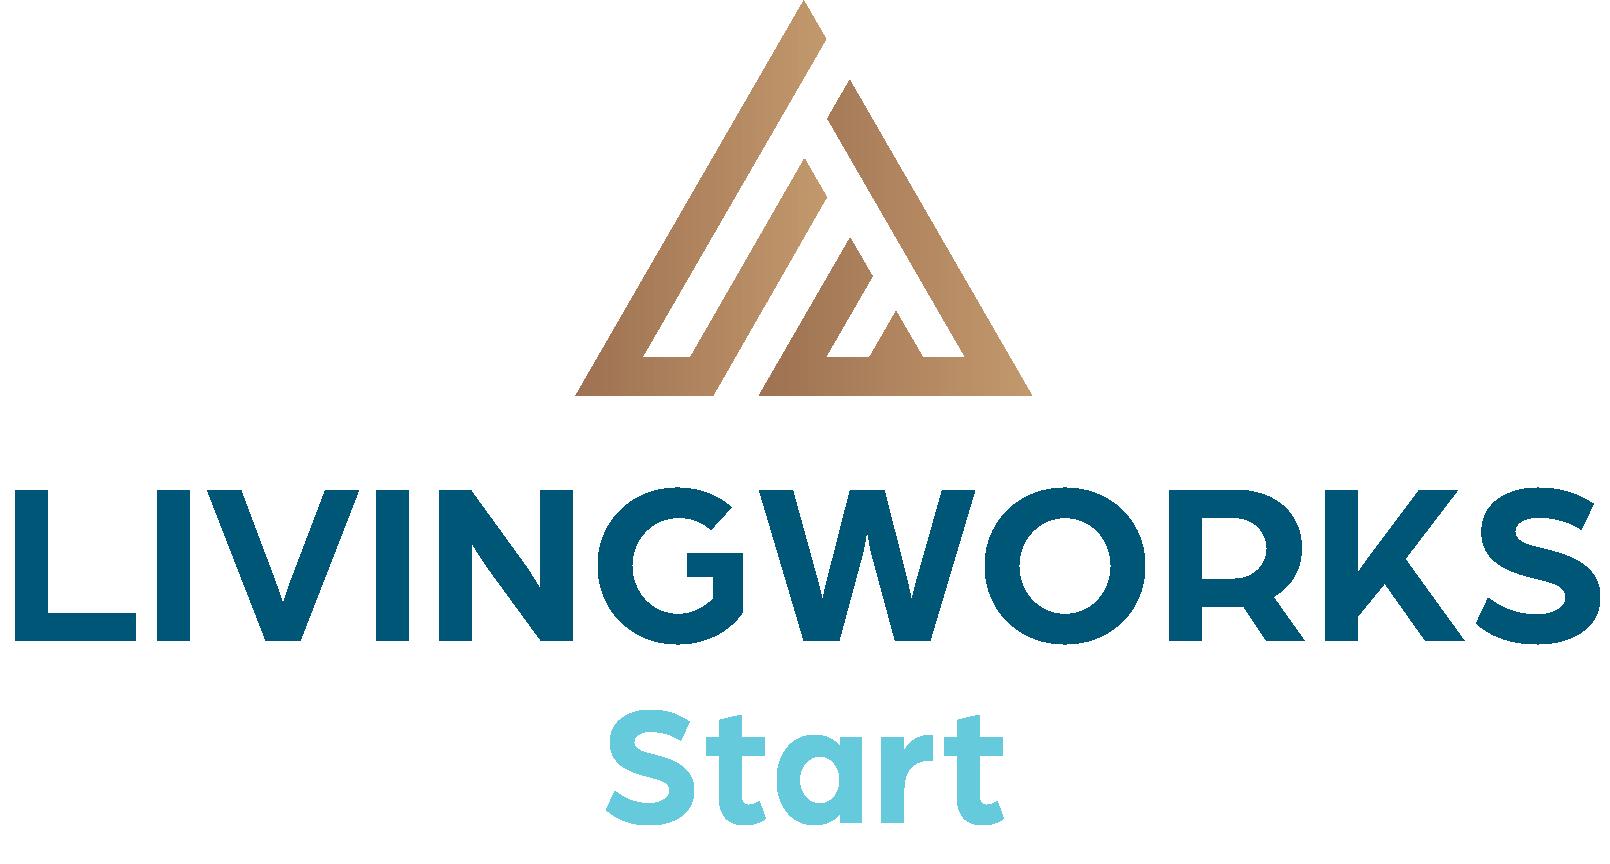 LIVINGWORKS_Start_LOGO_PRIMARY_DRK.BLUE_CMYK